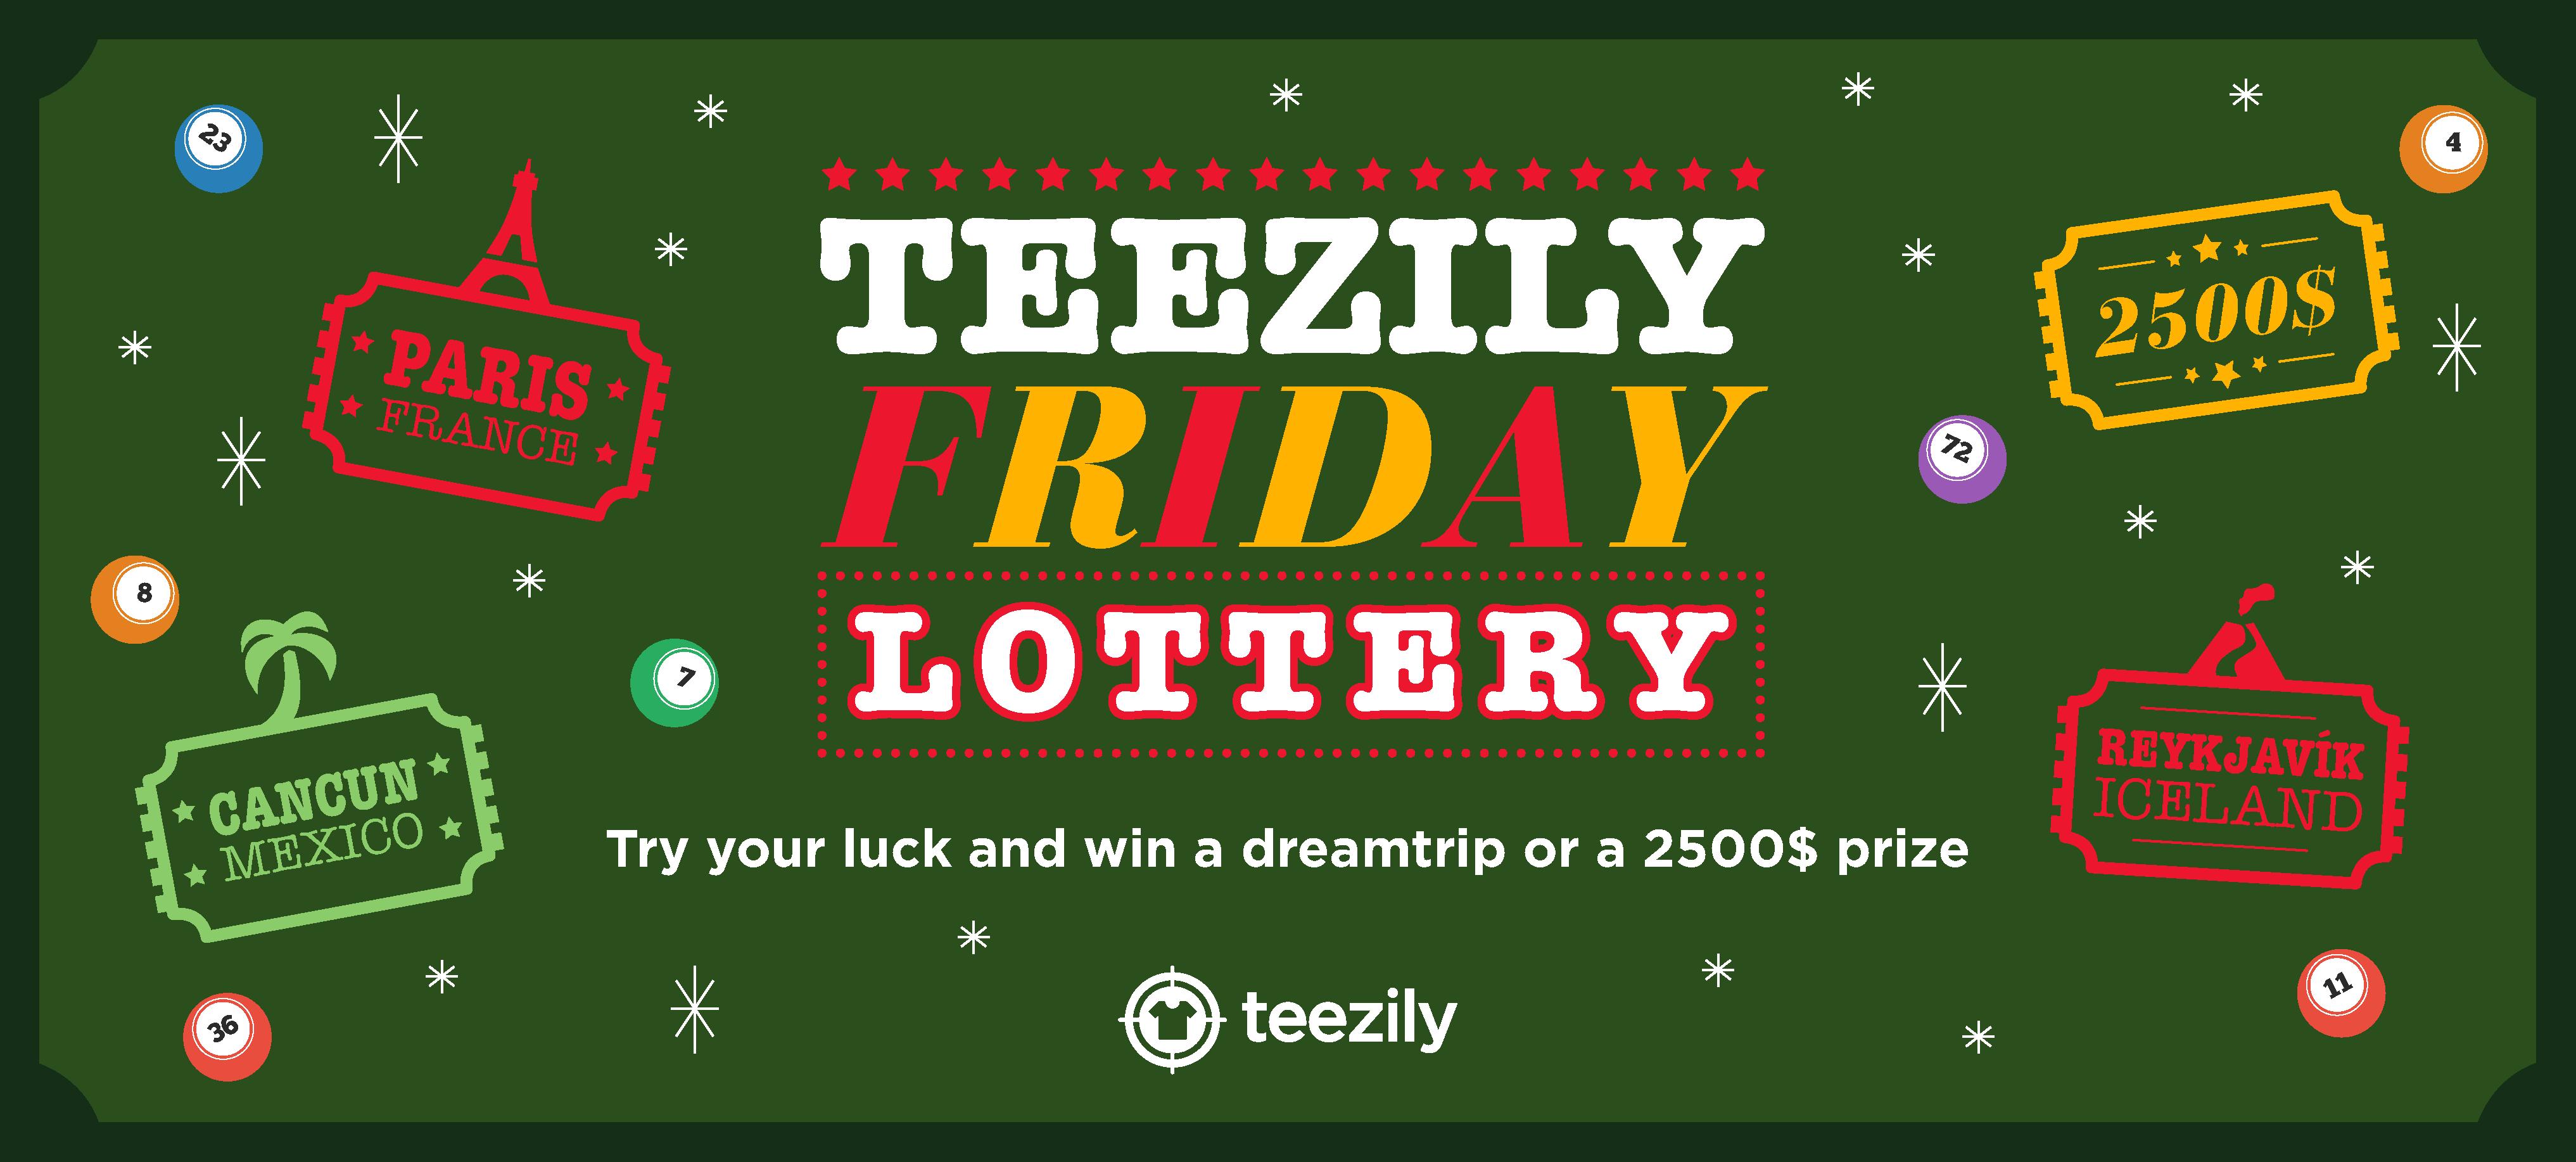 Teezily Friday Lottery